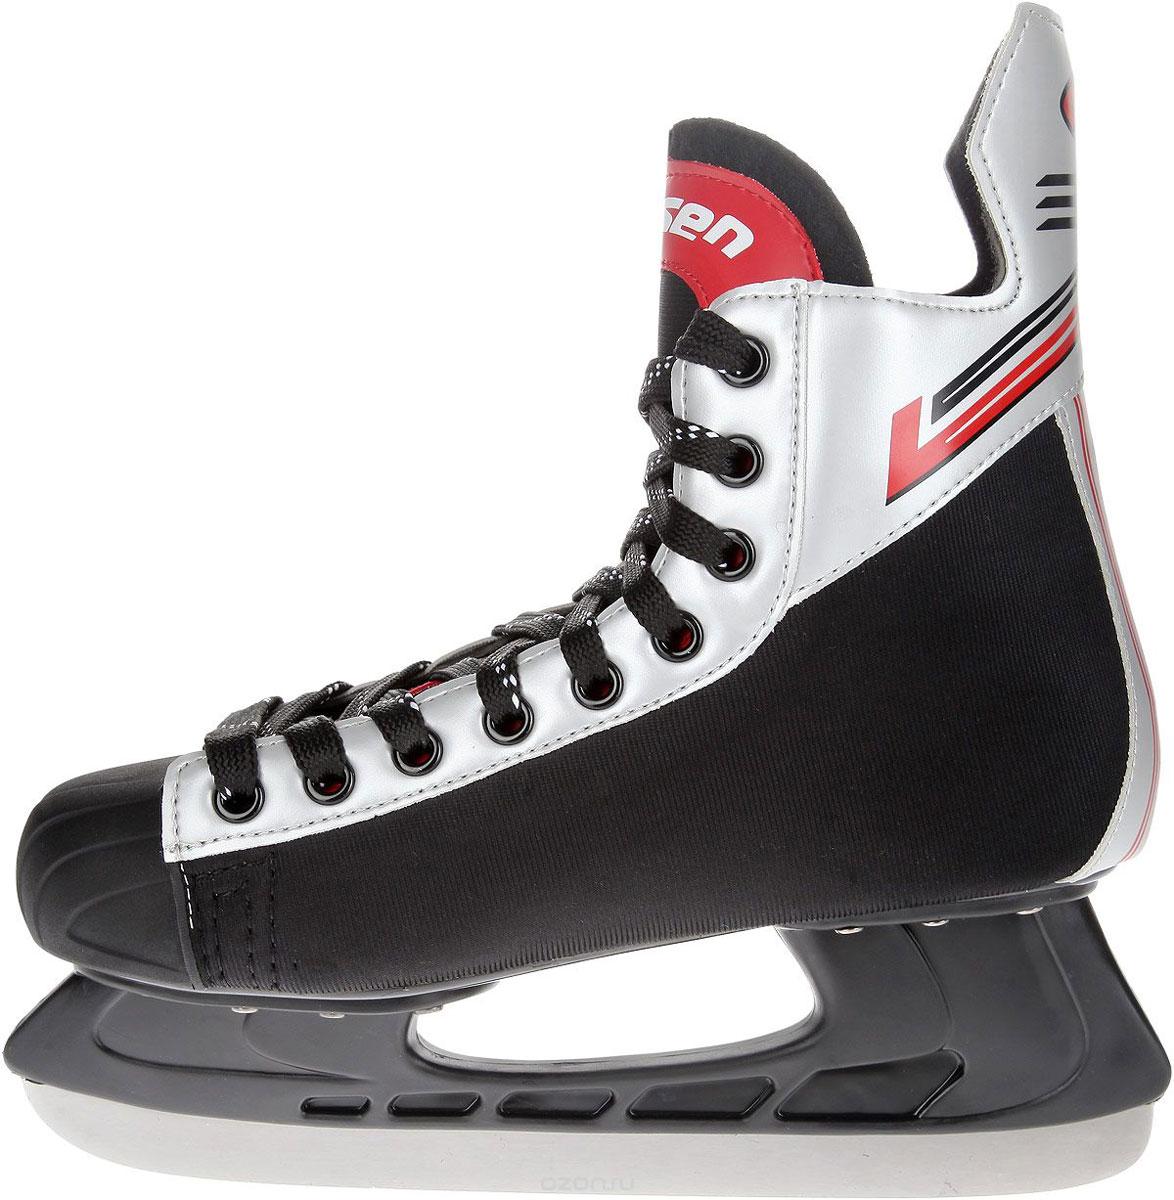 Коньки хоккейные мужские Larsen Alex, цвет: черный, серебристый, красный. Размер 36